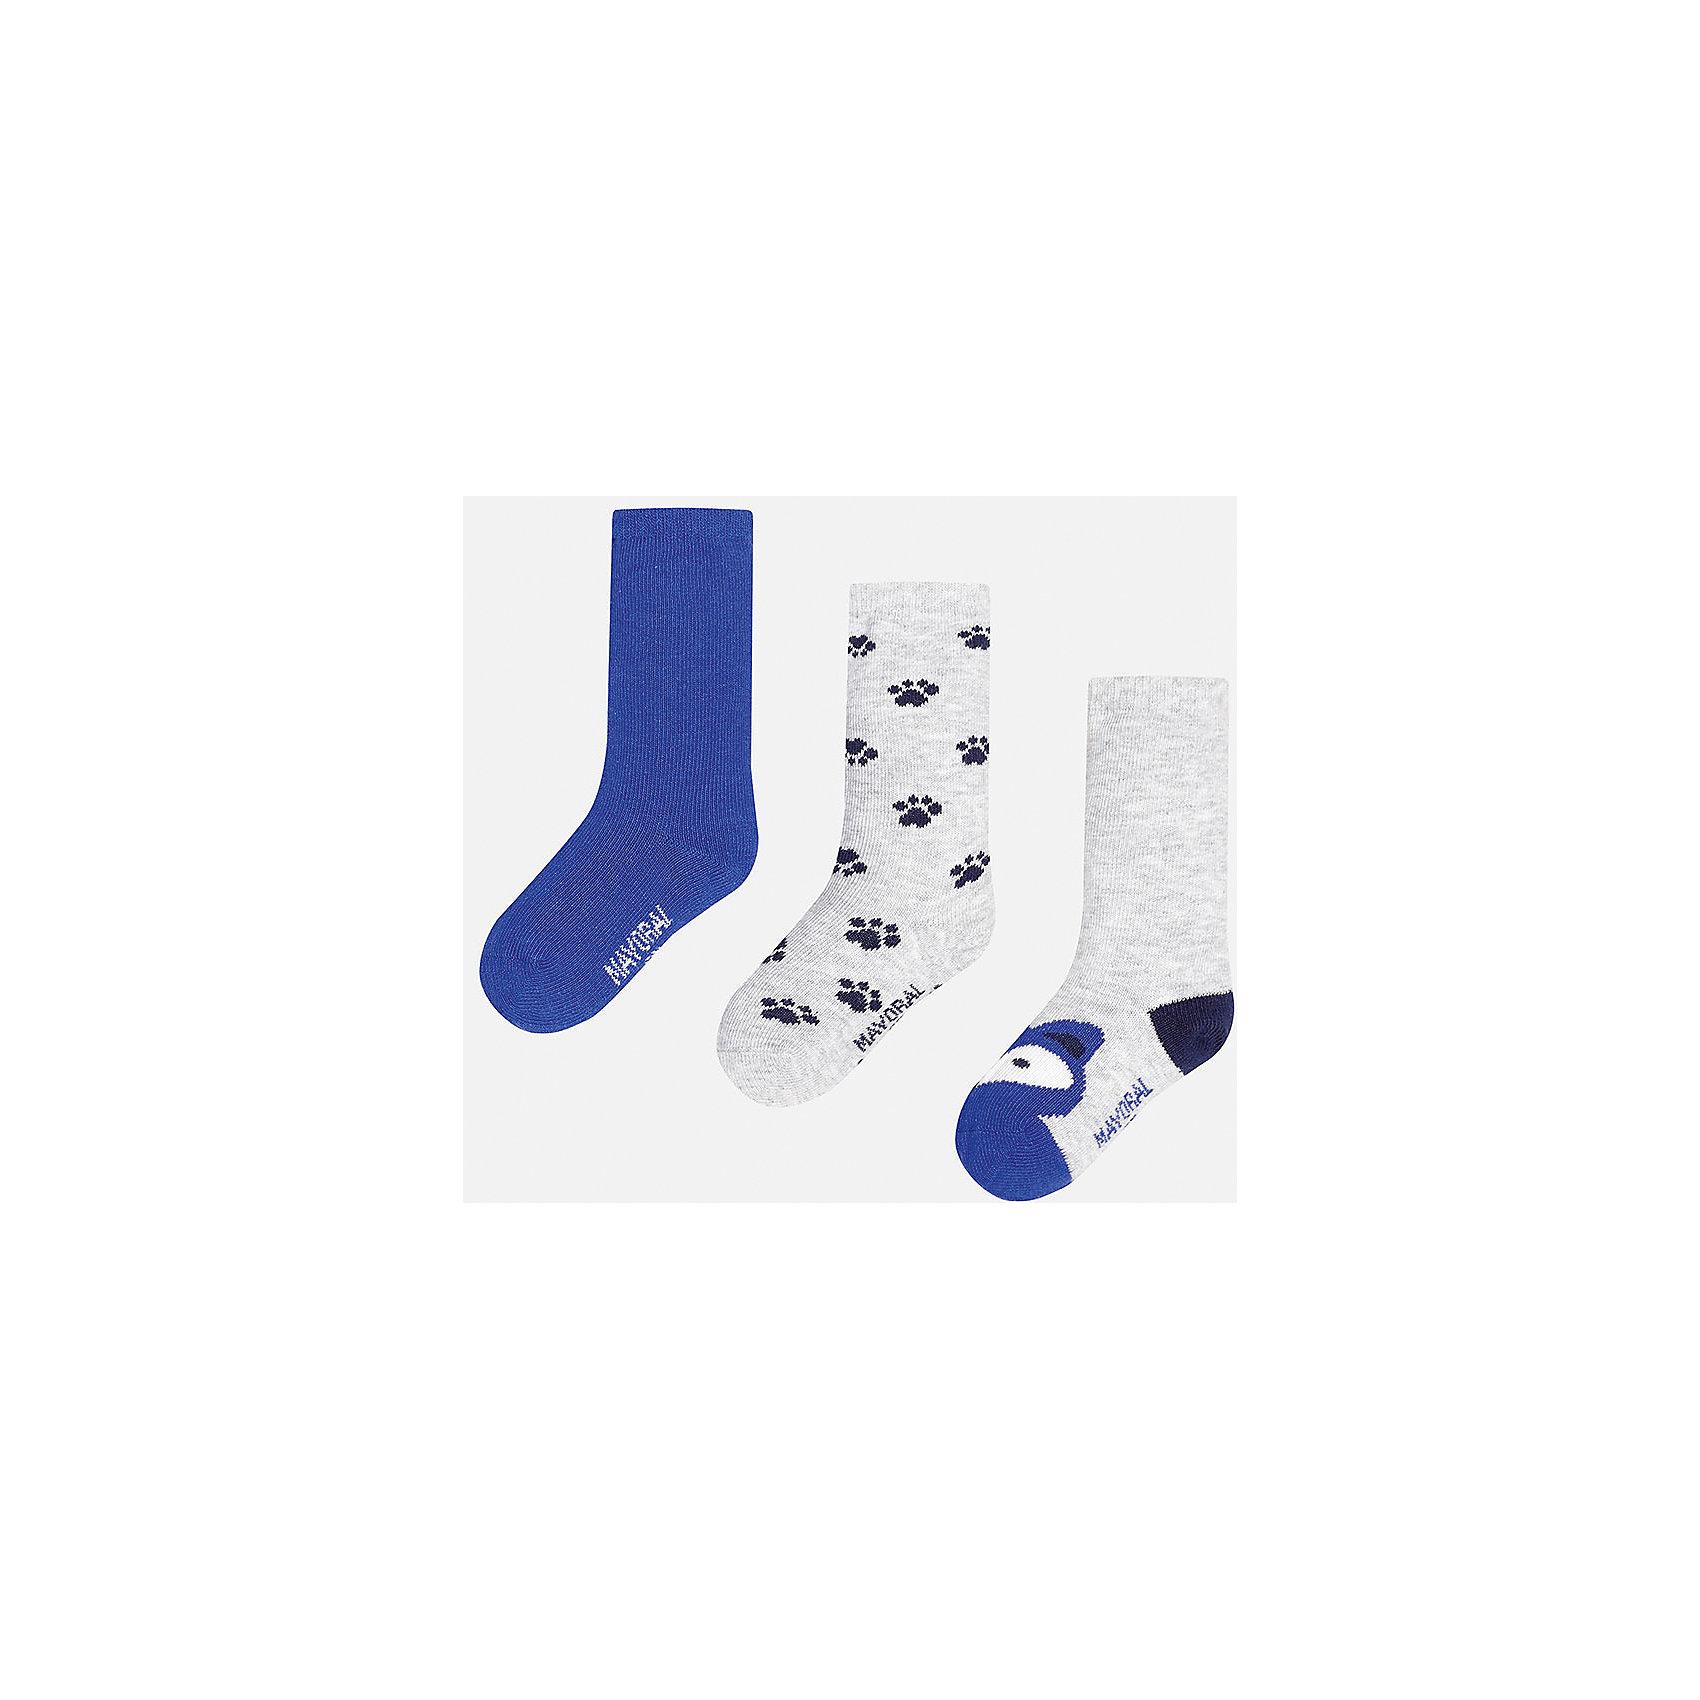 Носки для мальчика, 3 парыНабор из 3 пар носков для мальчиков от известного испанского бренда Mayoral. В комплекте носки разной расцветки: синий, серый с рисунком черные лапки, серый с темно-синей пяткой и синим носком с рисунком в виде зверюшки. Носки сделаны из специальных дышащих материалов, чтобы ноги ребенка не потели.<br>Дополнительная информация:<br>-разная расцветка<br>-состав: 72% хлопок, 25% полиамид, 3% эластан<br>Комплект носков Mayoral можно приобрести в нашем интернет-магазине.<br><br>Ширина мм: 87<br>Глубина мм: 10<br>Высота мм: 105<br>Вес г: 115<br>Цвет: фиолетовый<br>Возраст от месяцев: 9<br>Возраст до месяцев: 12<br>Пол: Мужской<br>Возраст: Детский<br>Размер: 1,2<br>SKU: 4820044